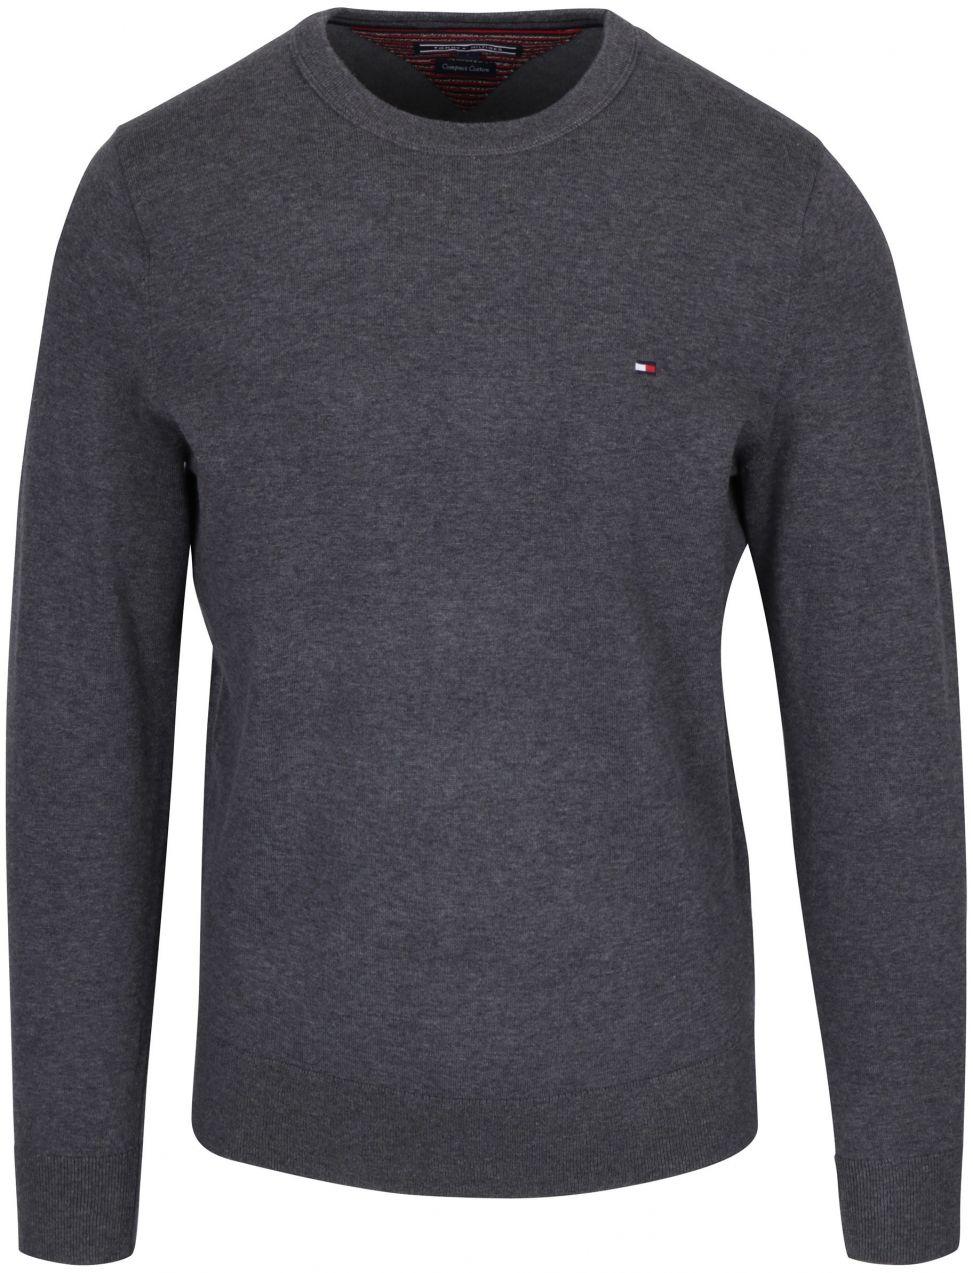 Sivý pánsky sveter Tommy Hilfiger Compact značky Tommy Hilfiger - Lovely.sk ed9266ec871